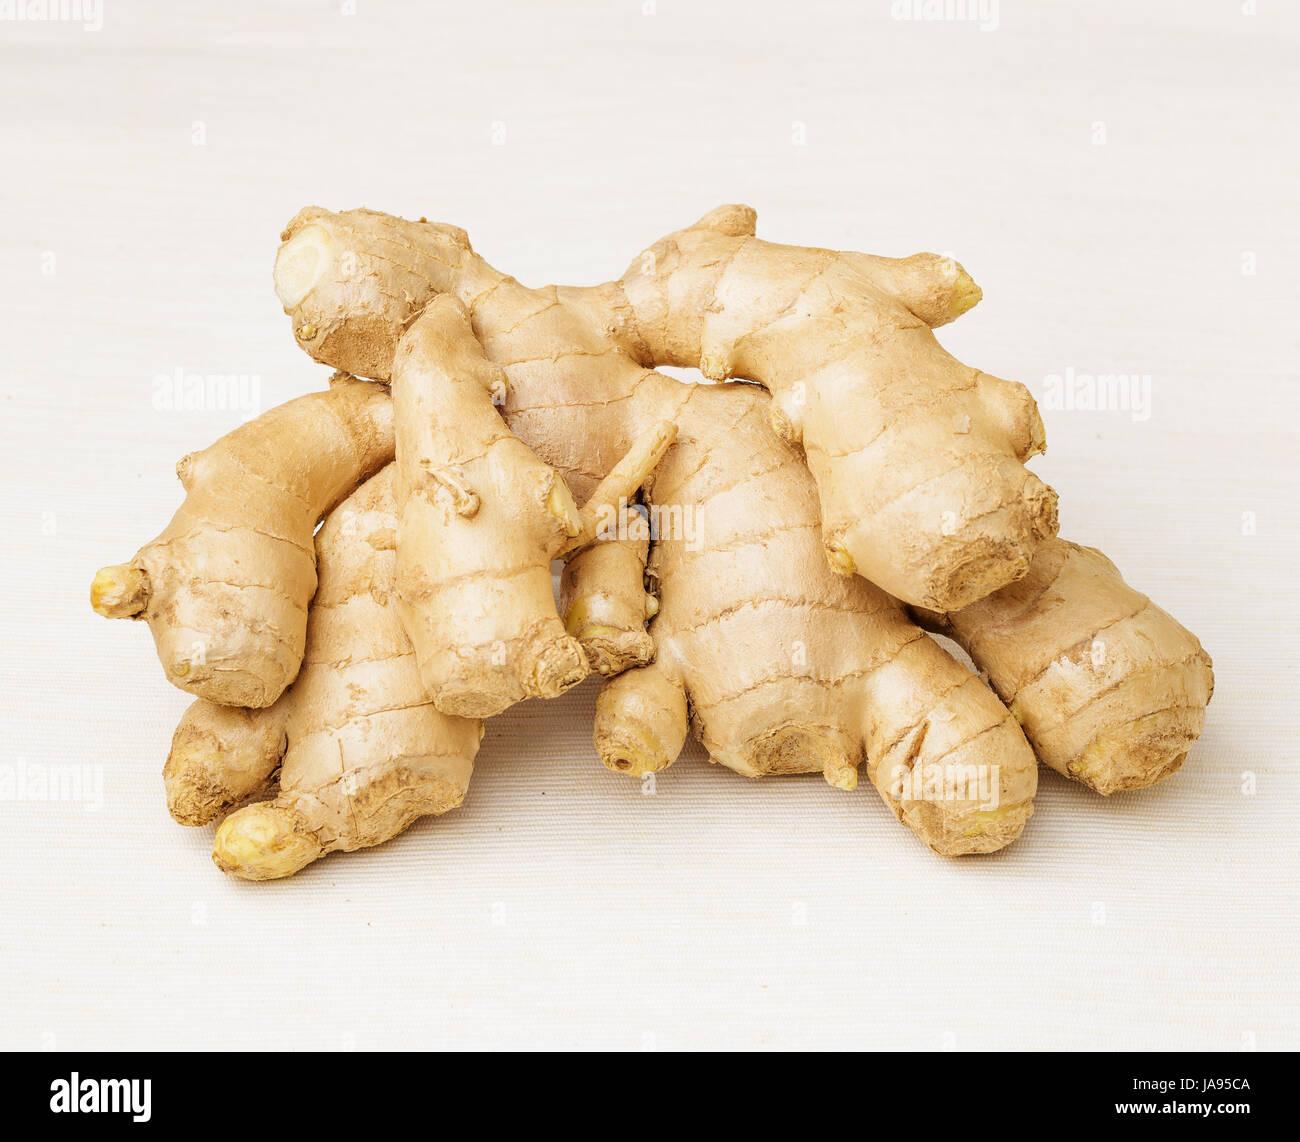 Asian plant condiment